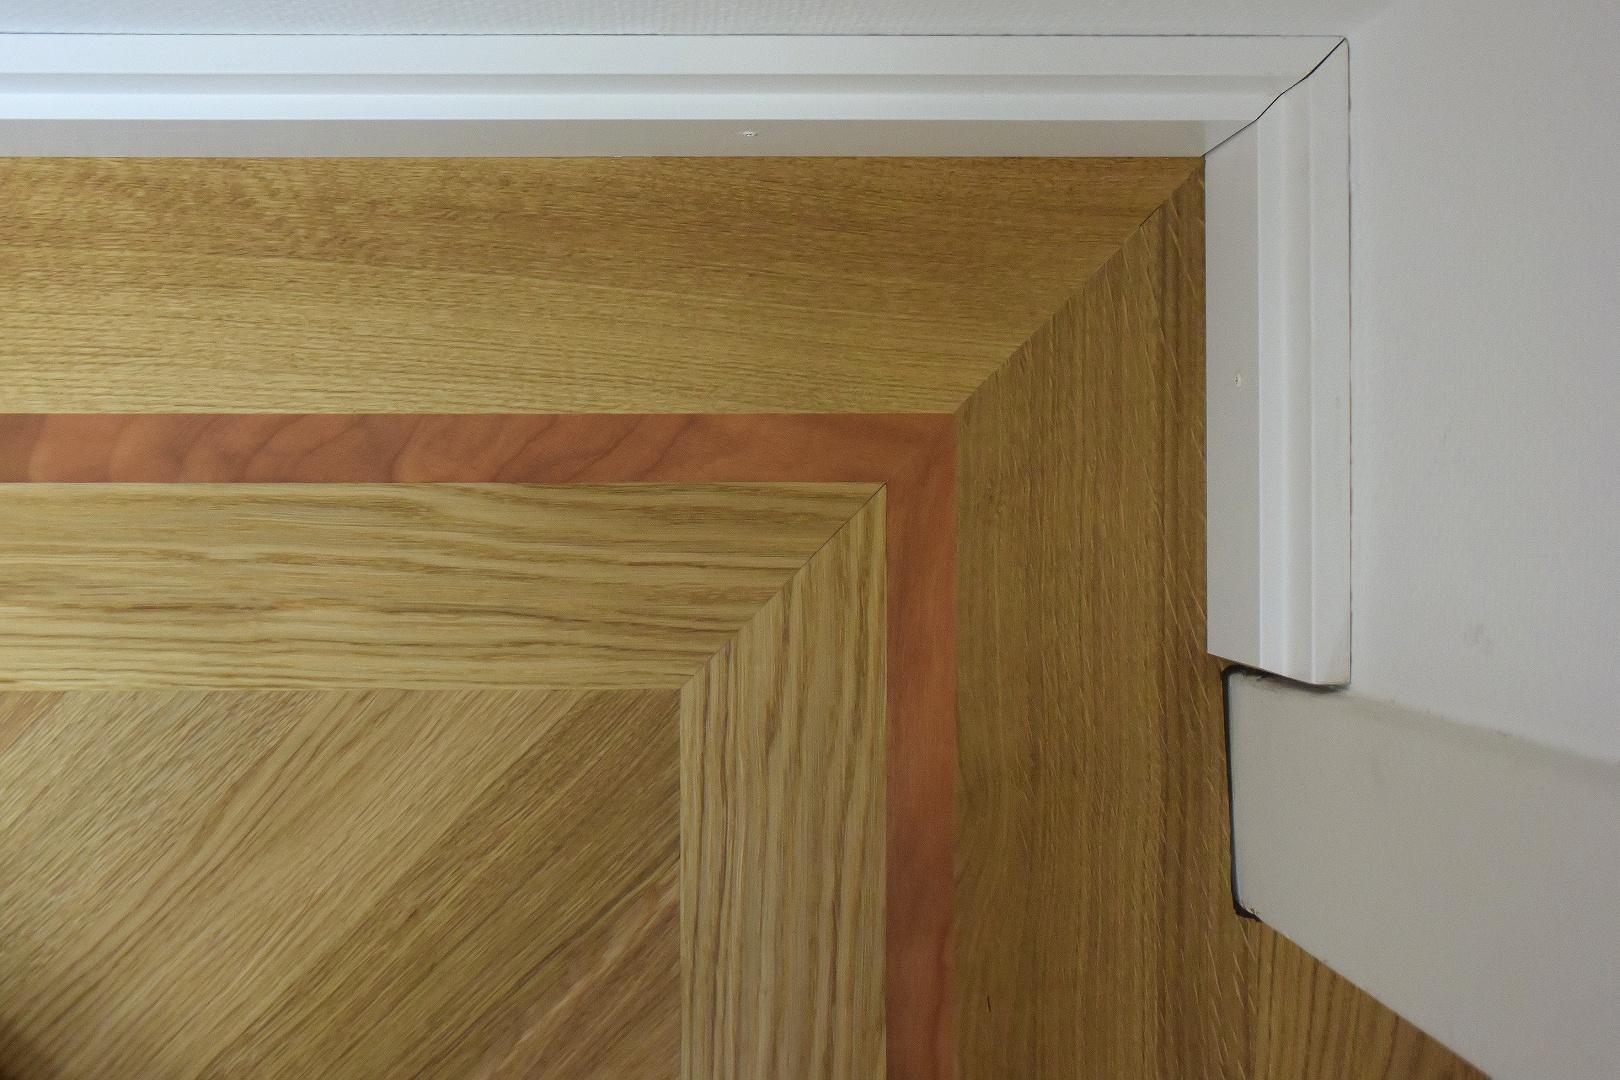 Sanierung Bel-Etage - Untersuchung 2 Detail Wandfries © Architekturbüro André Schär